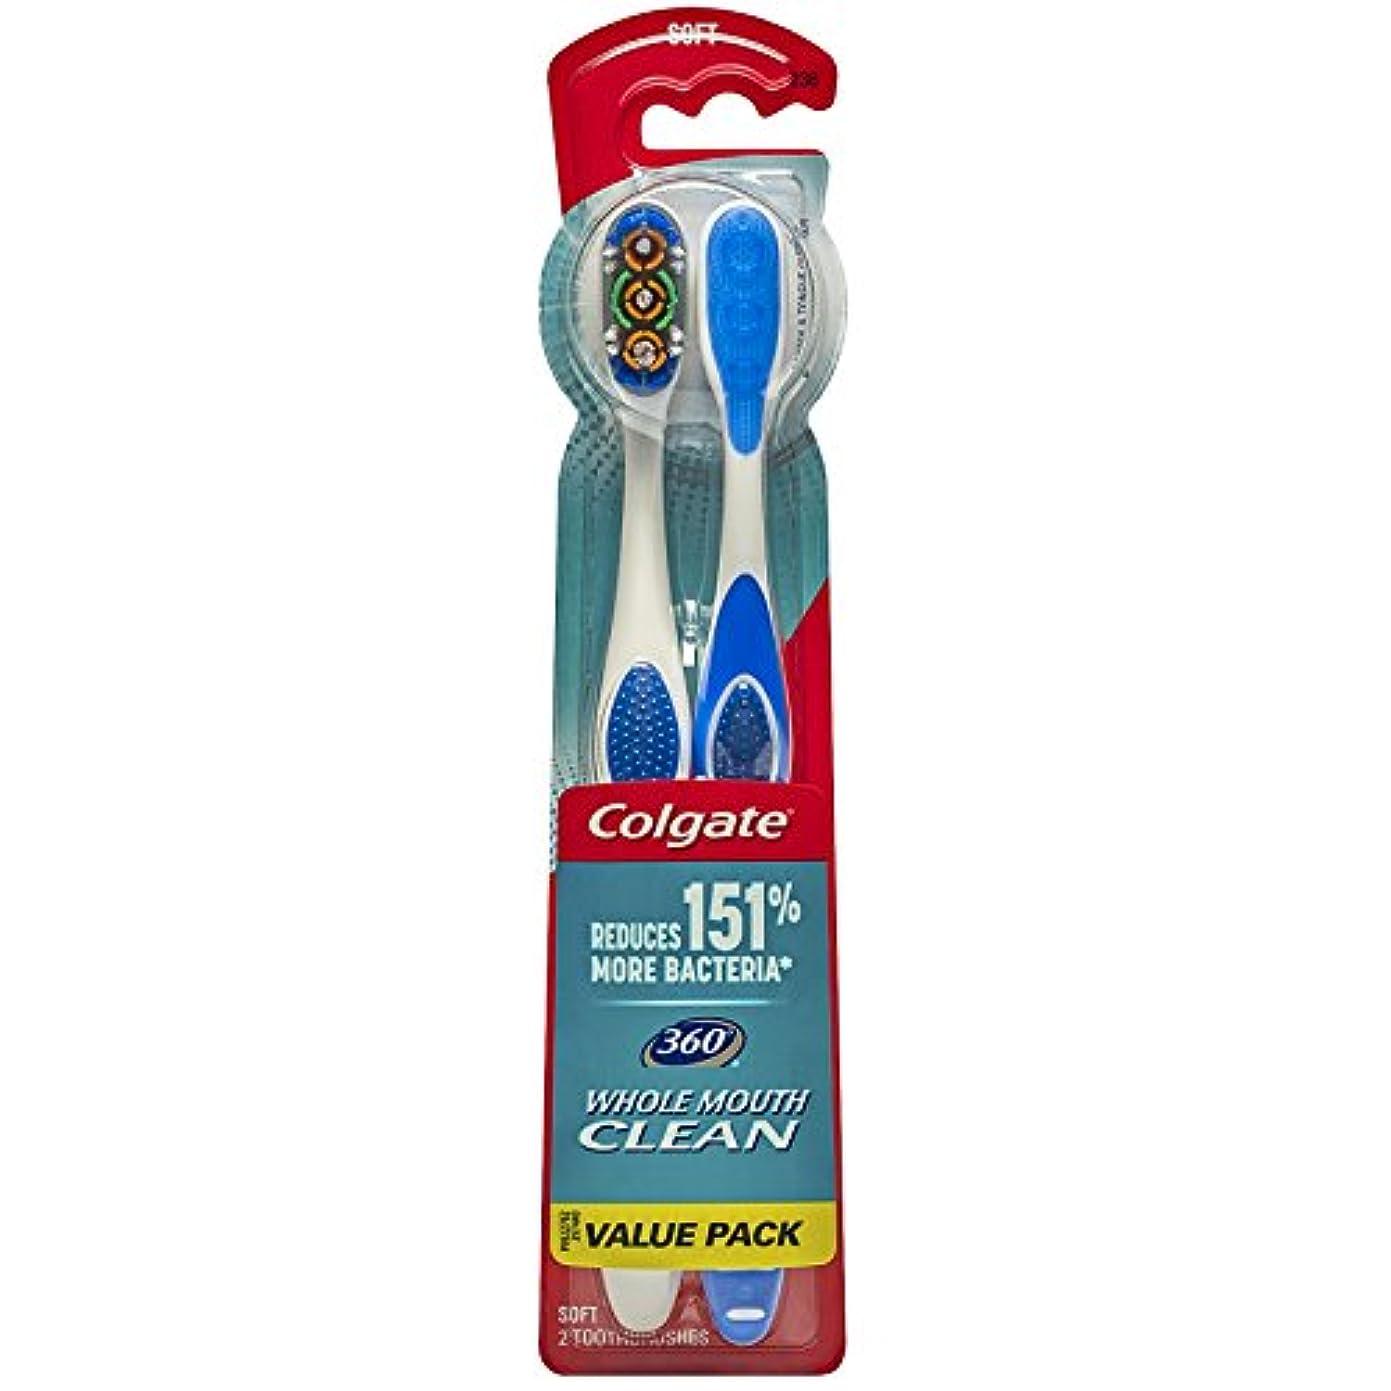 湾優しさ細断Colgate 360大人の完全な頭部柔らかい歯ブラシ、ツインパック